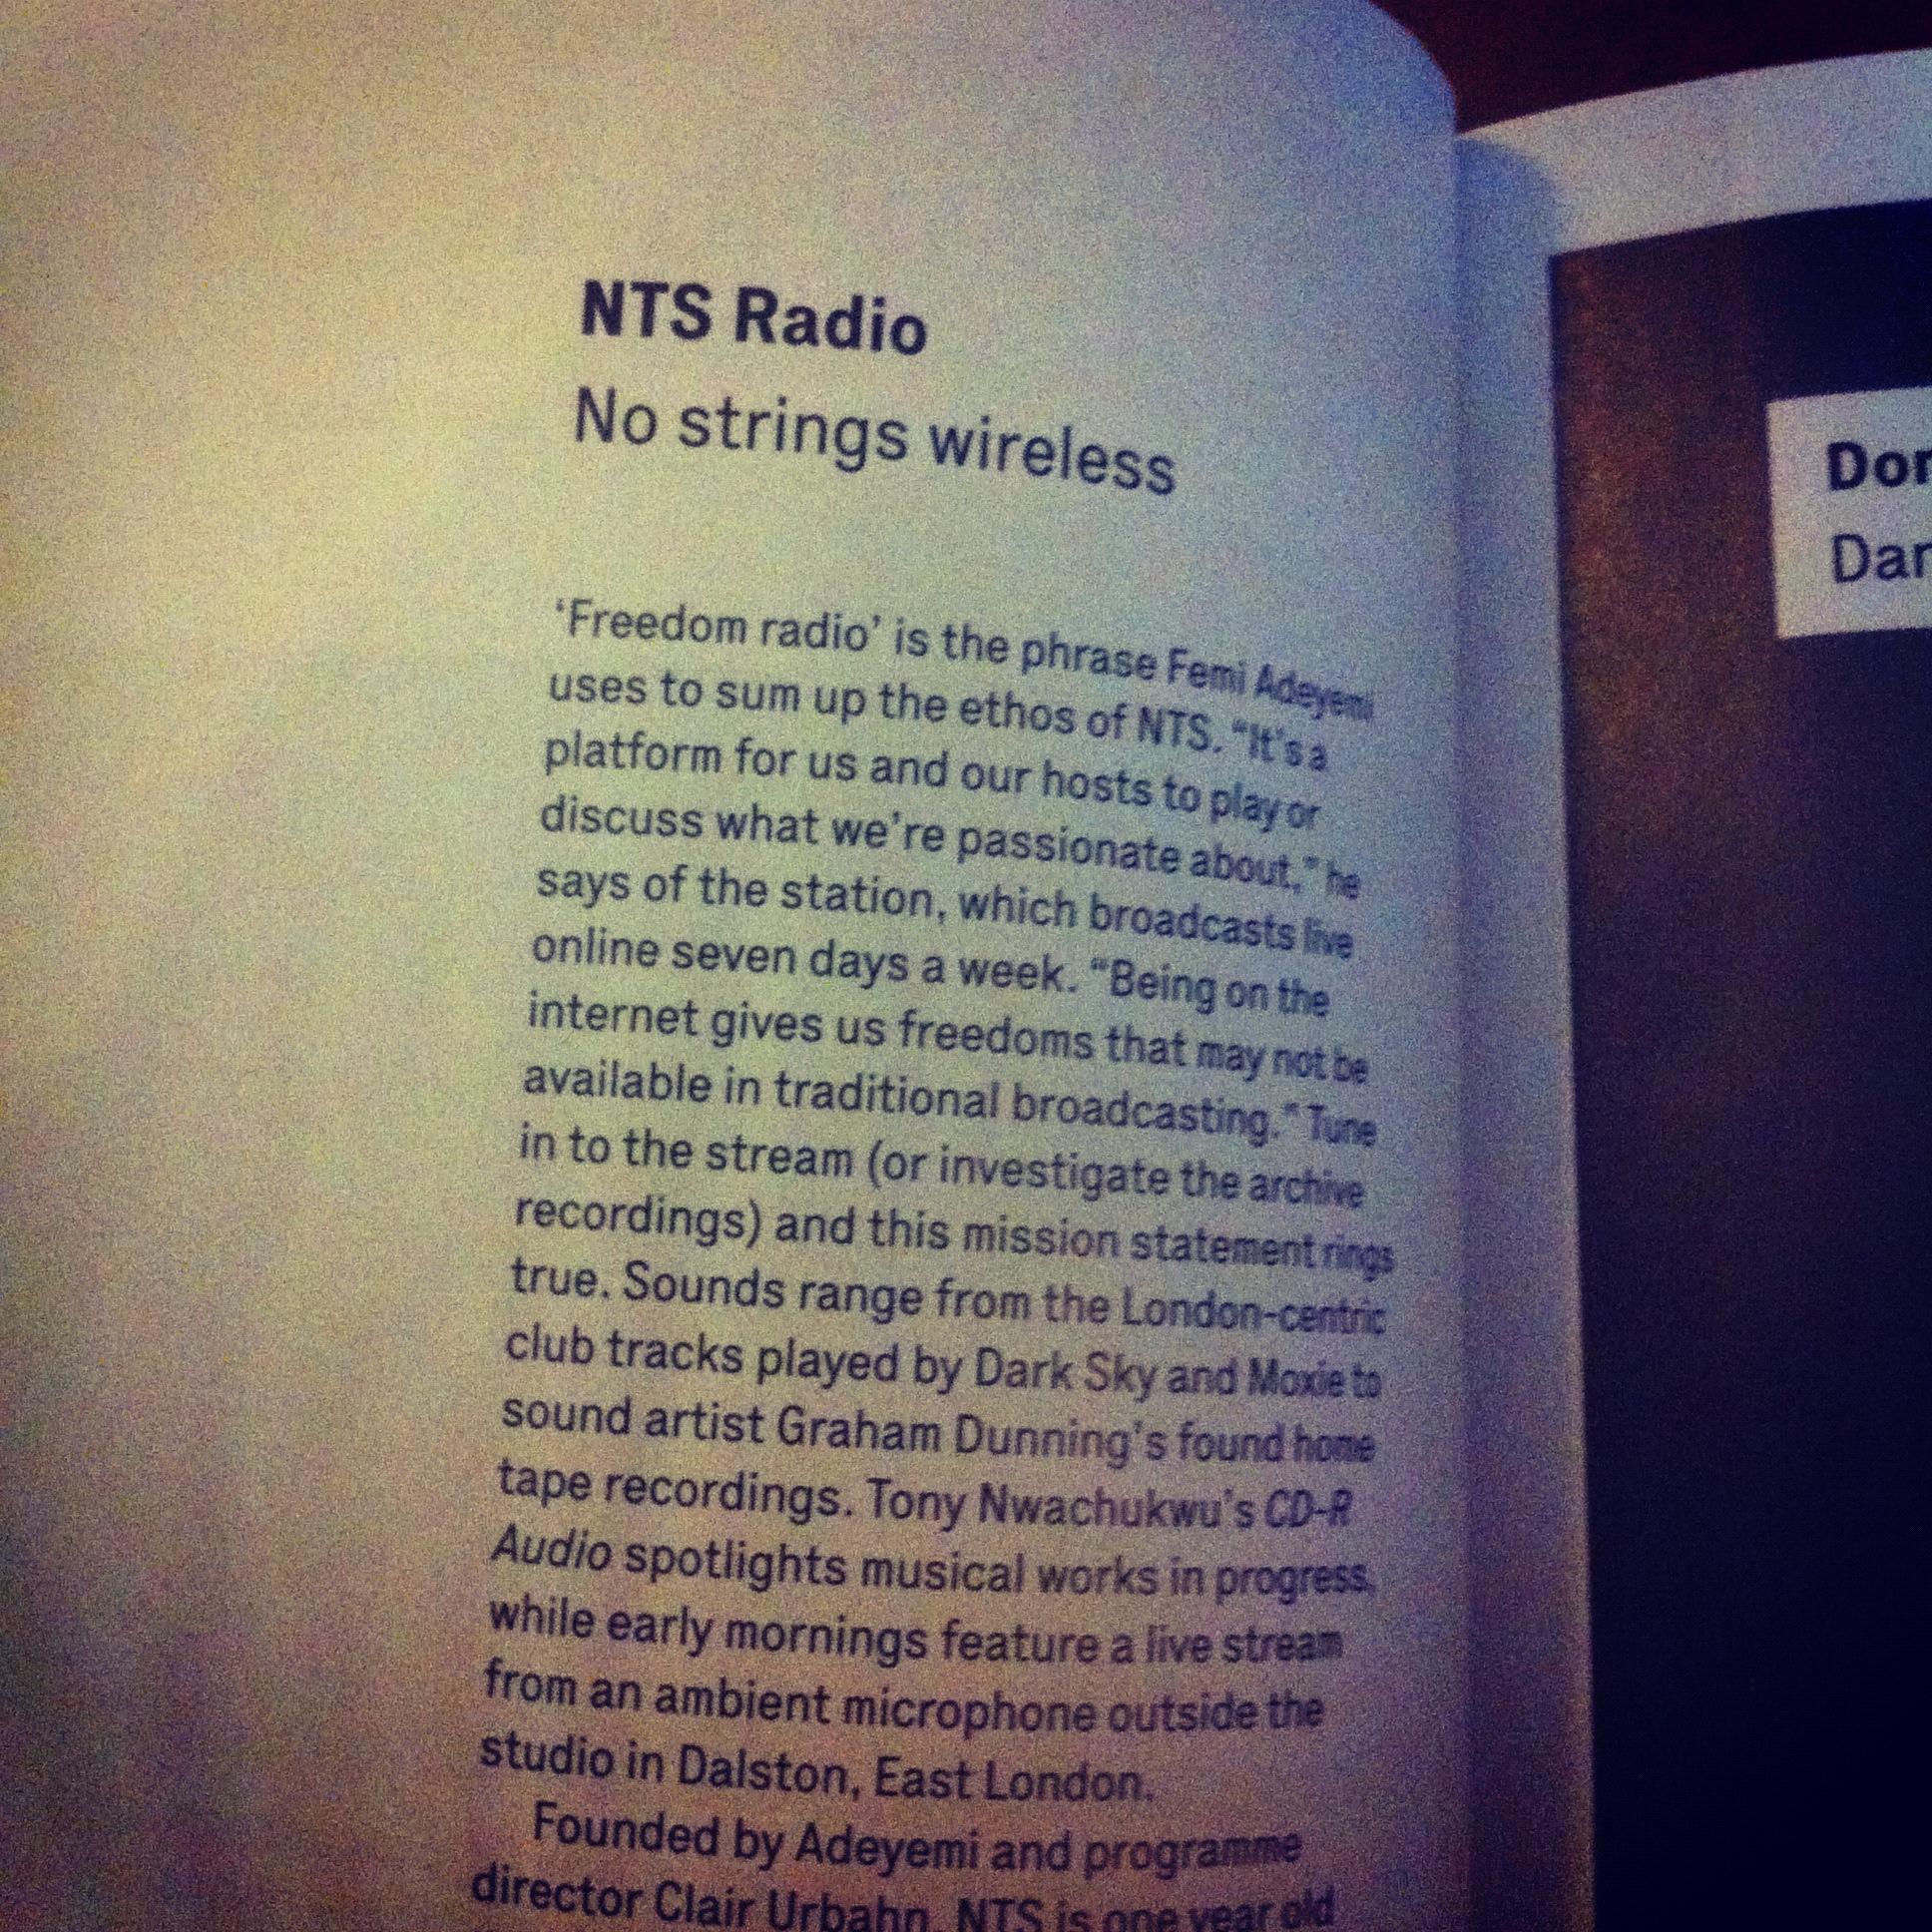 WIRE Magazine, April, 2012